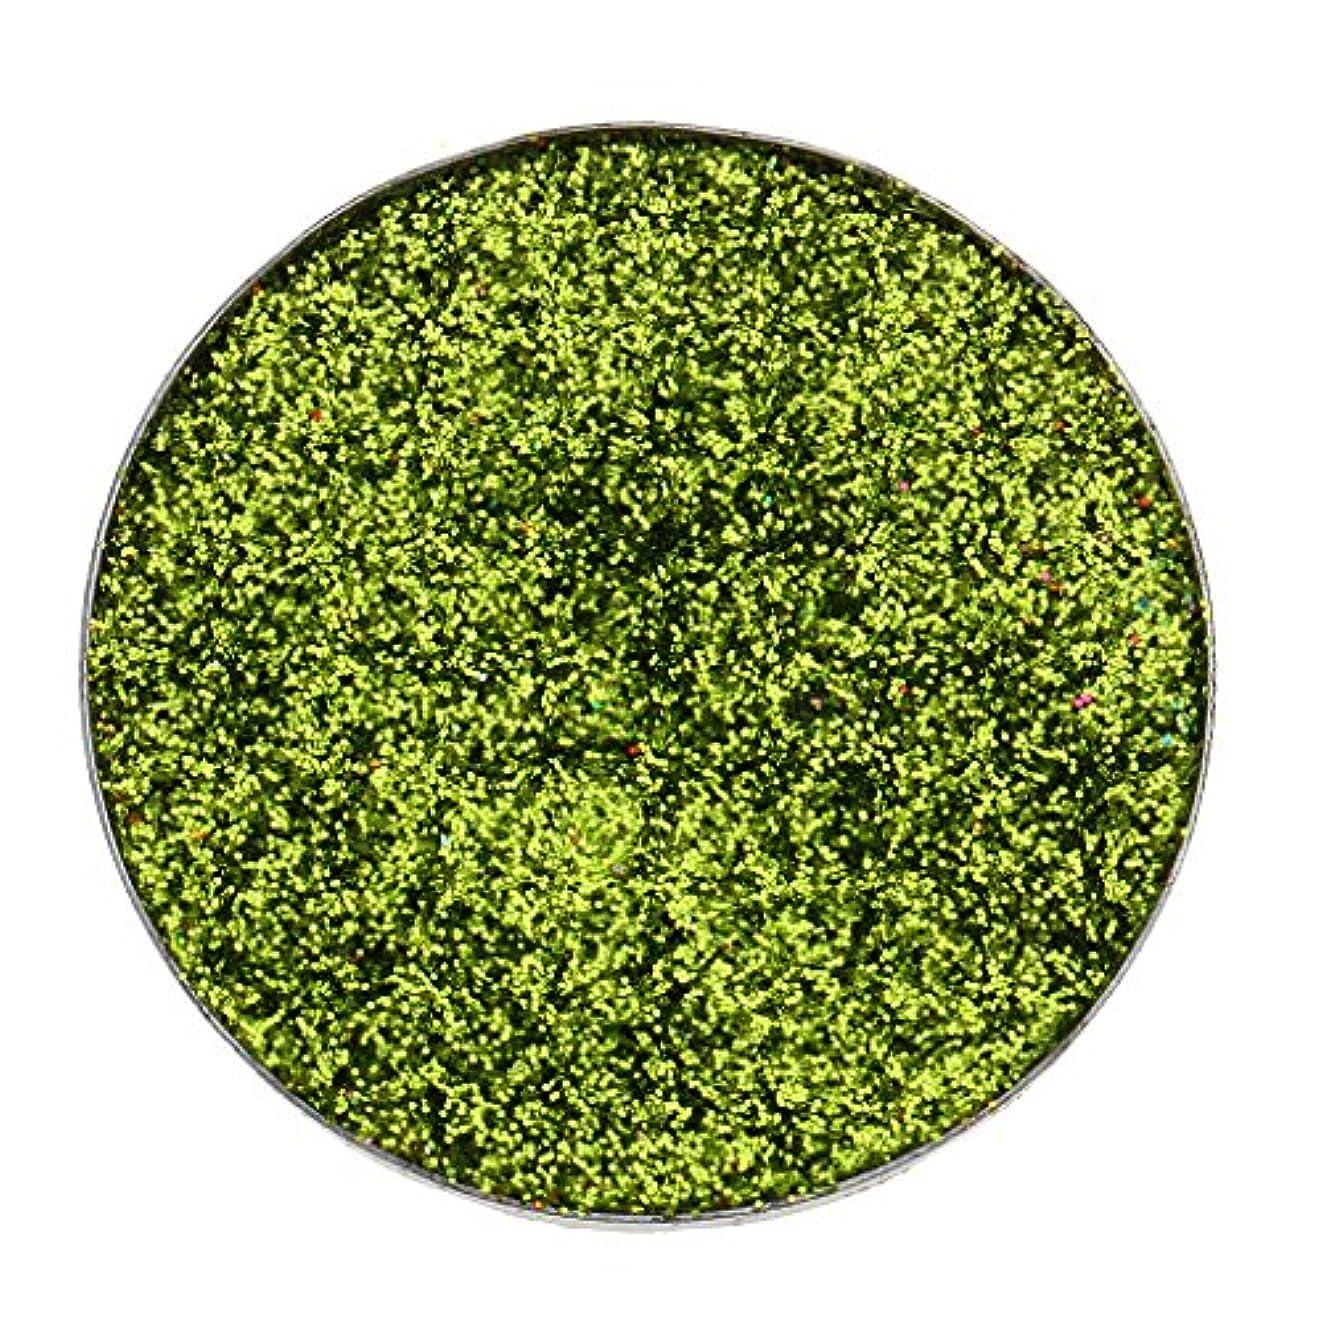 ソーシャル湿度隠全5色 ダイヤモンド キラキラ シマー メイクアップ アイシャドウ 顔料 長持ち 滑らか - 緑